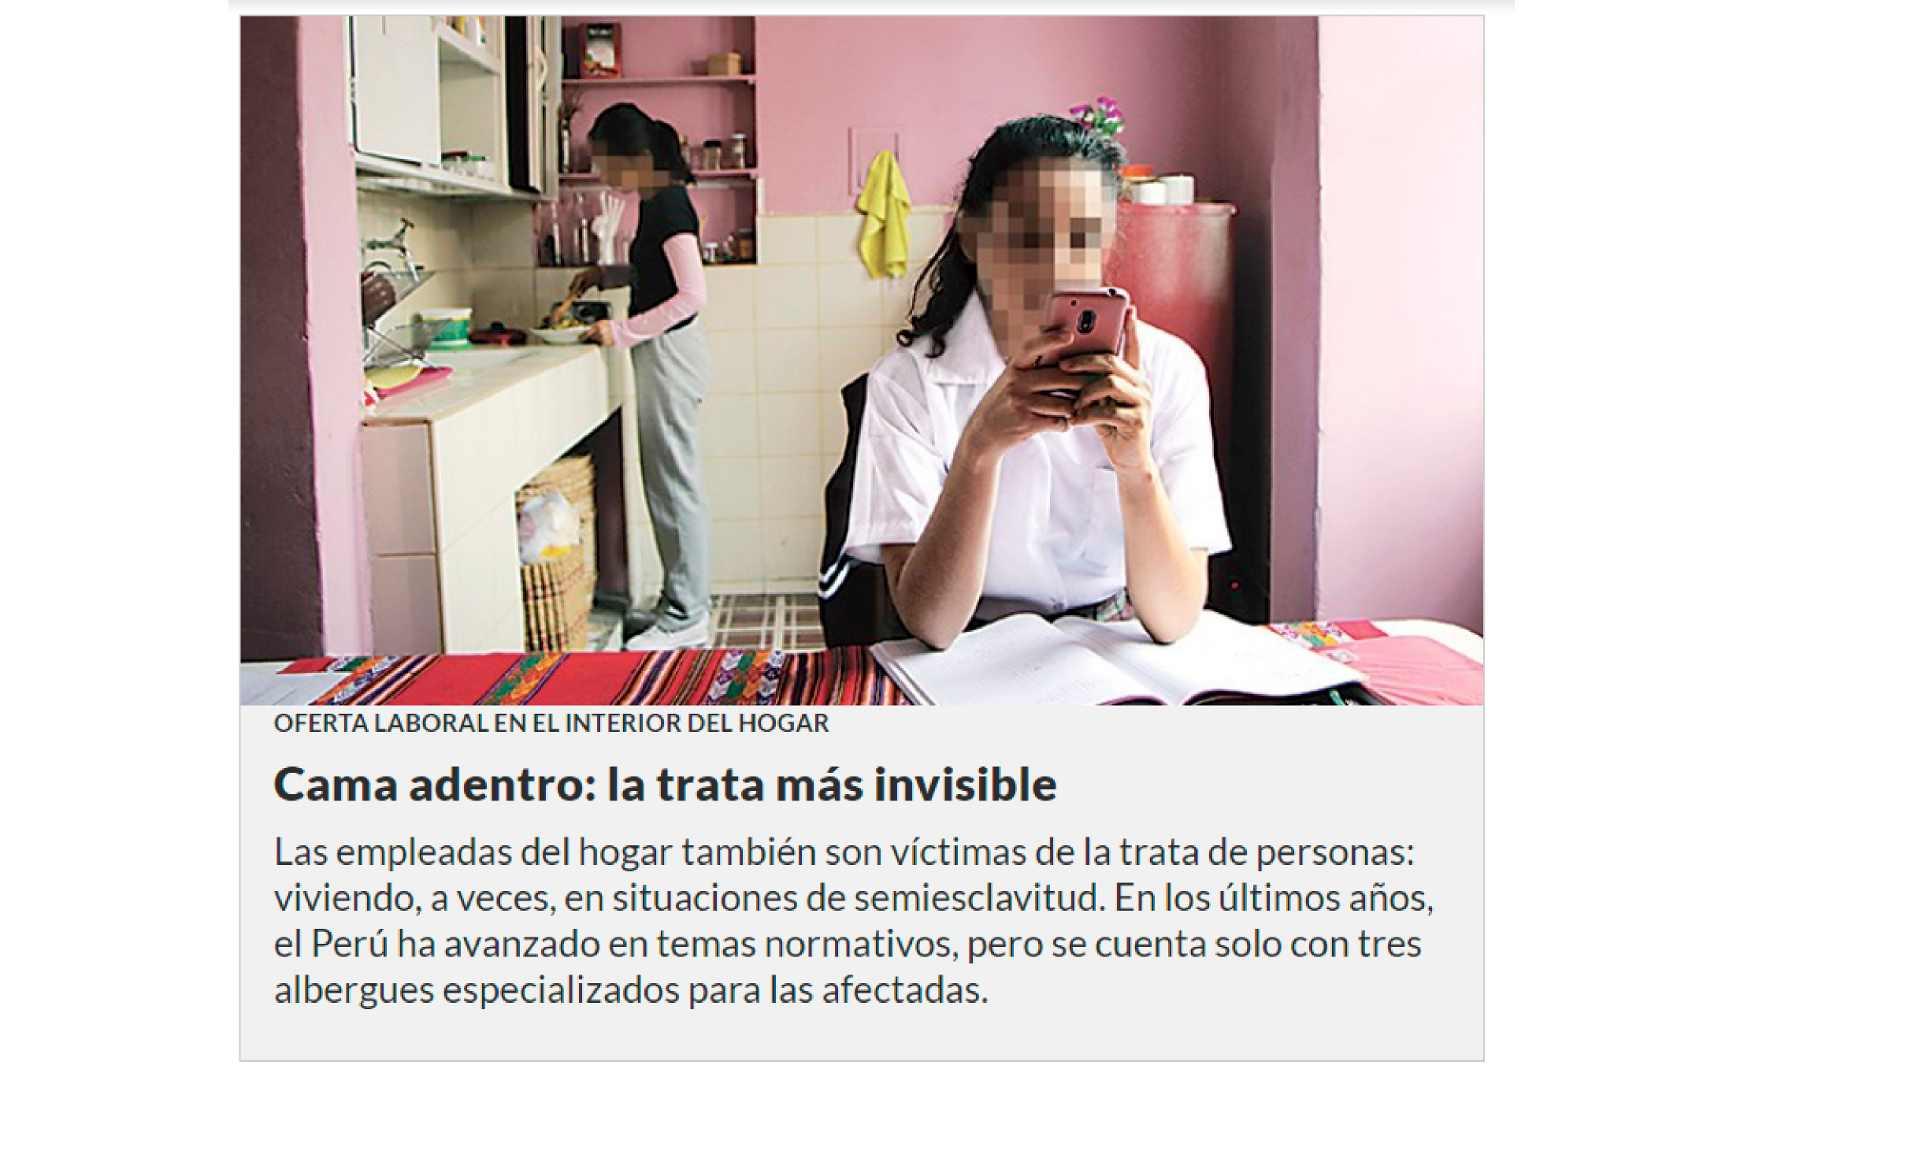 Cama adentro: la trata más invisible